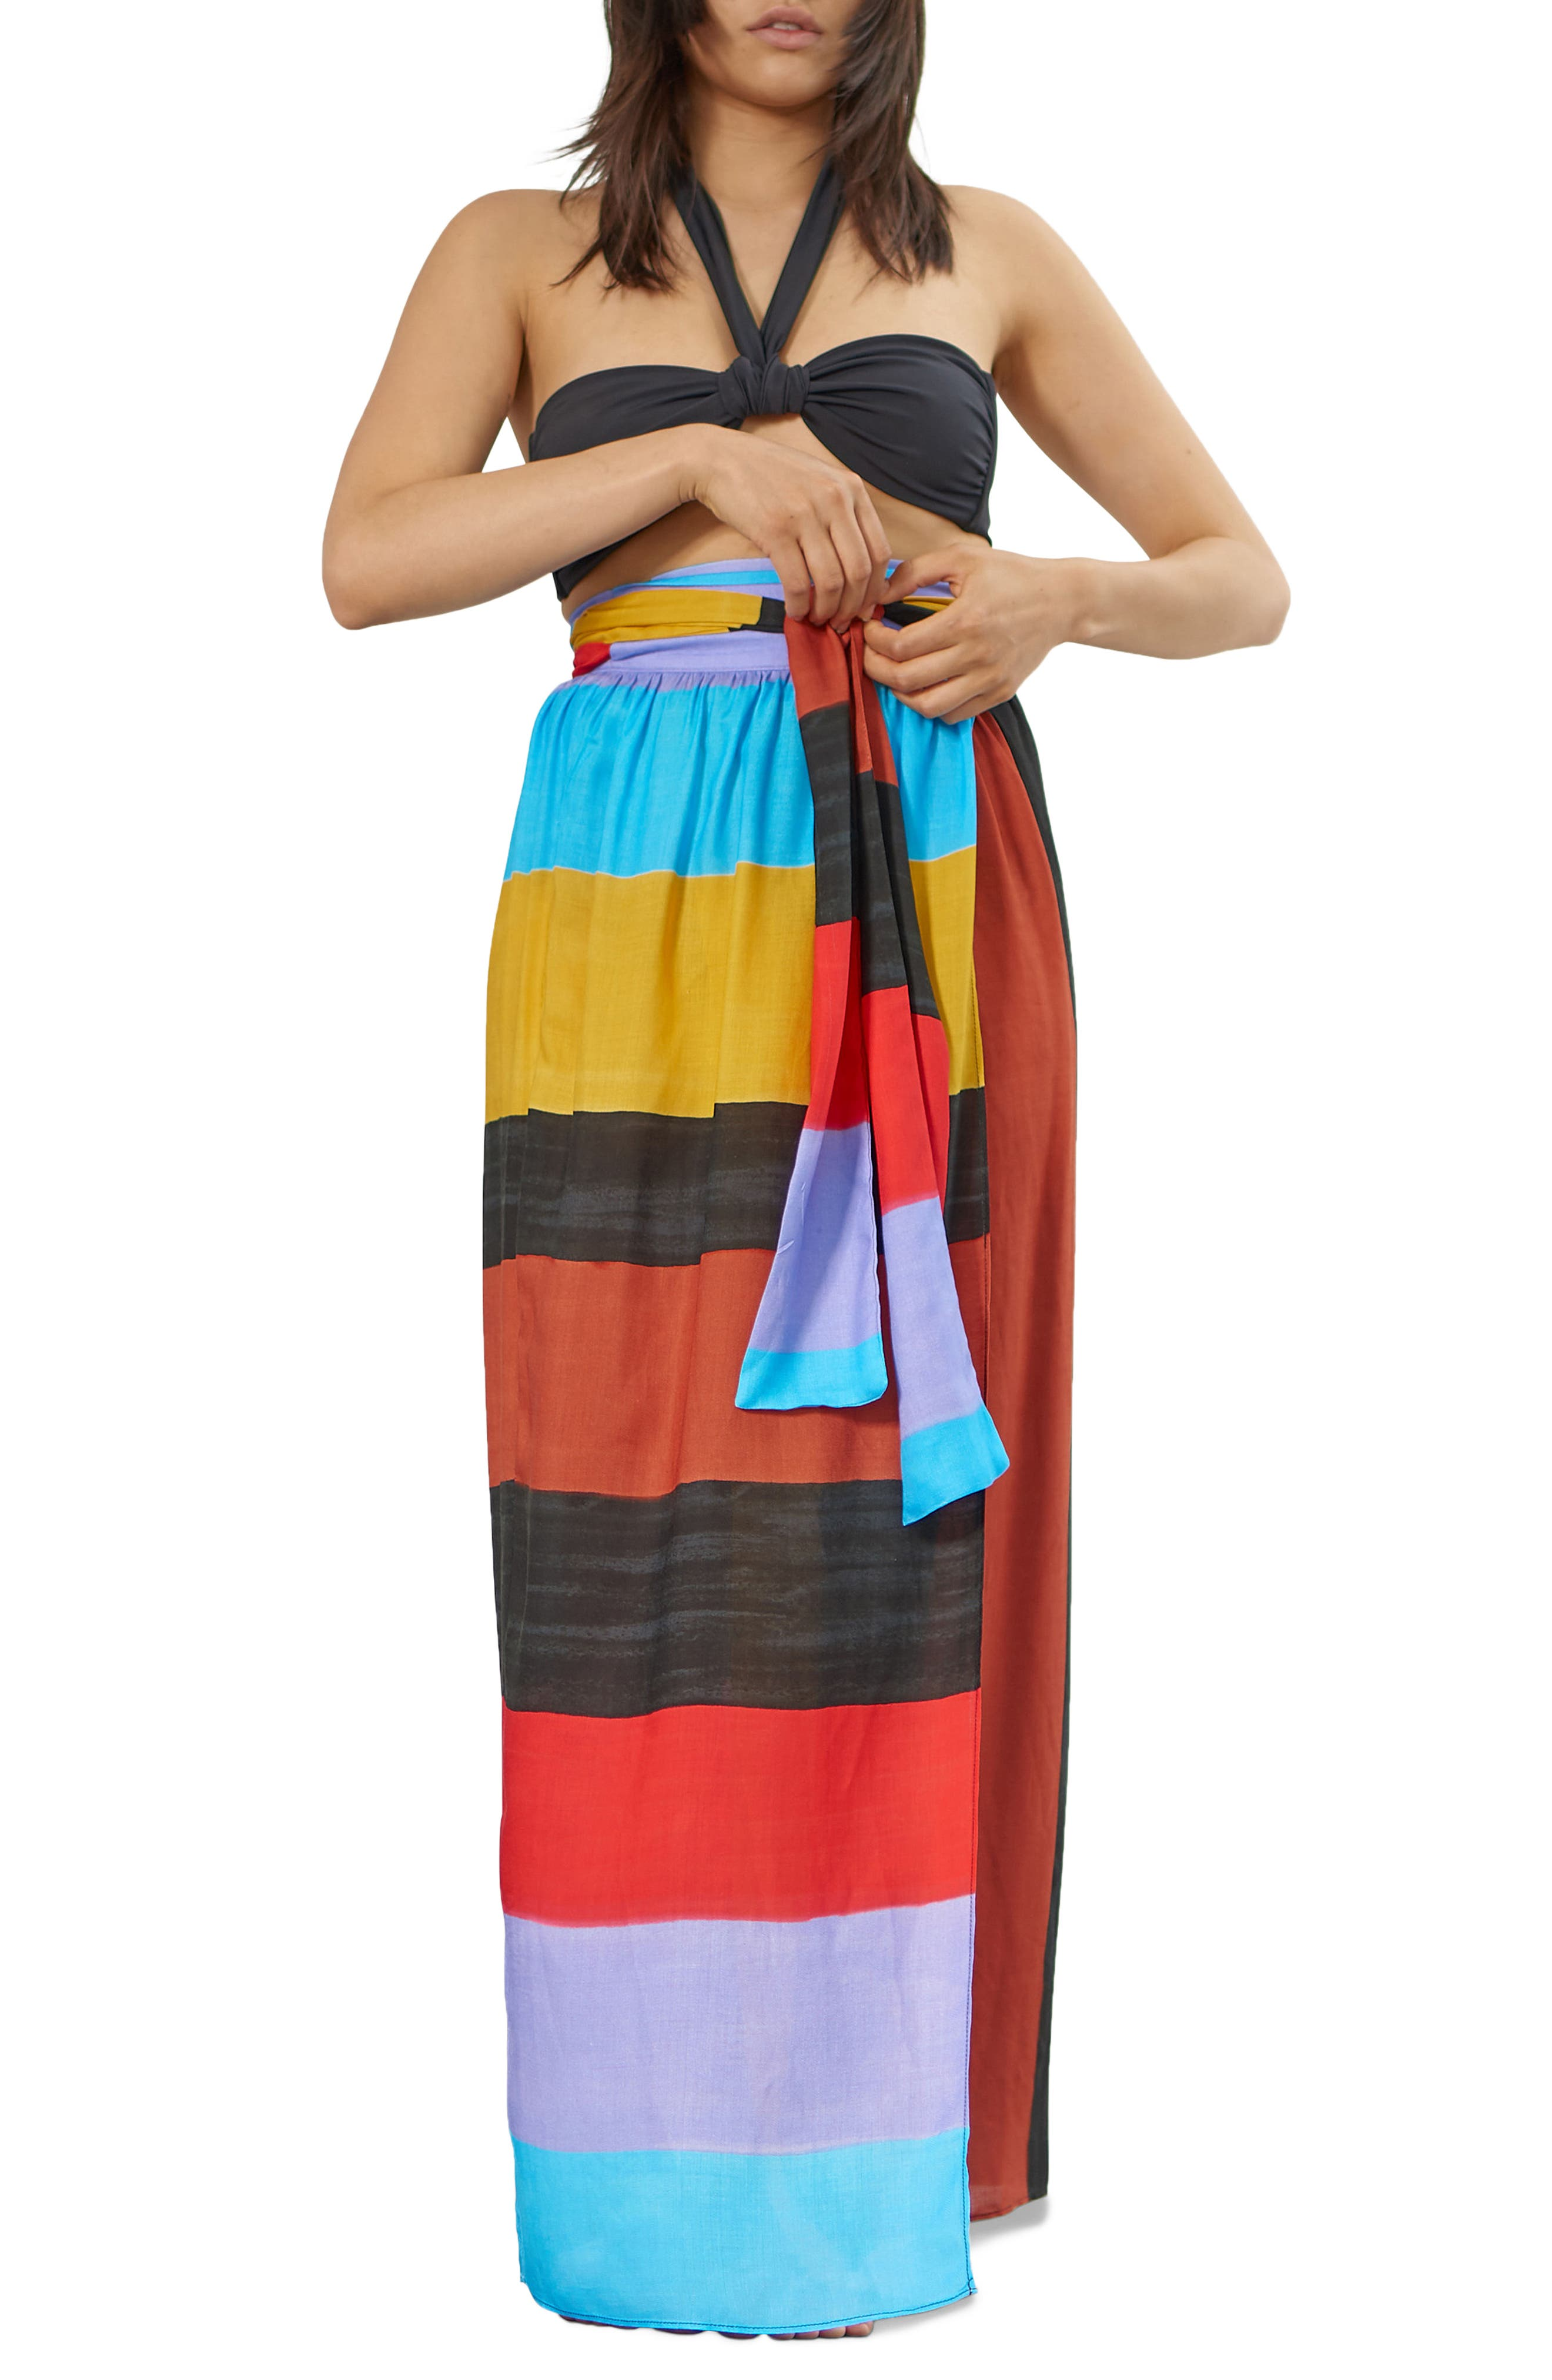 Cora Stripe Cover-Up Skirt,                             Main thumbnail 1, color,                             Black Multi